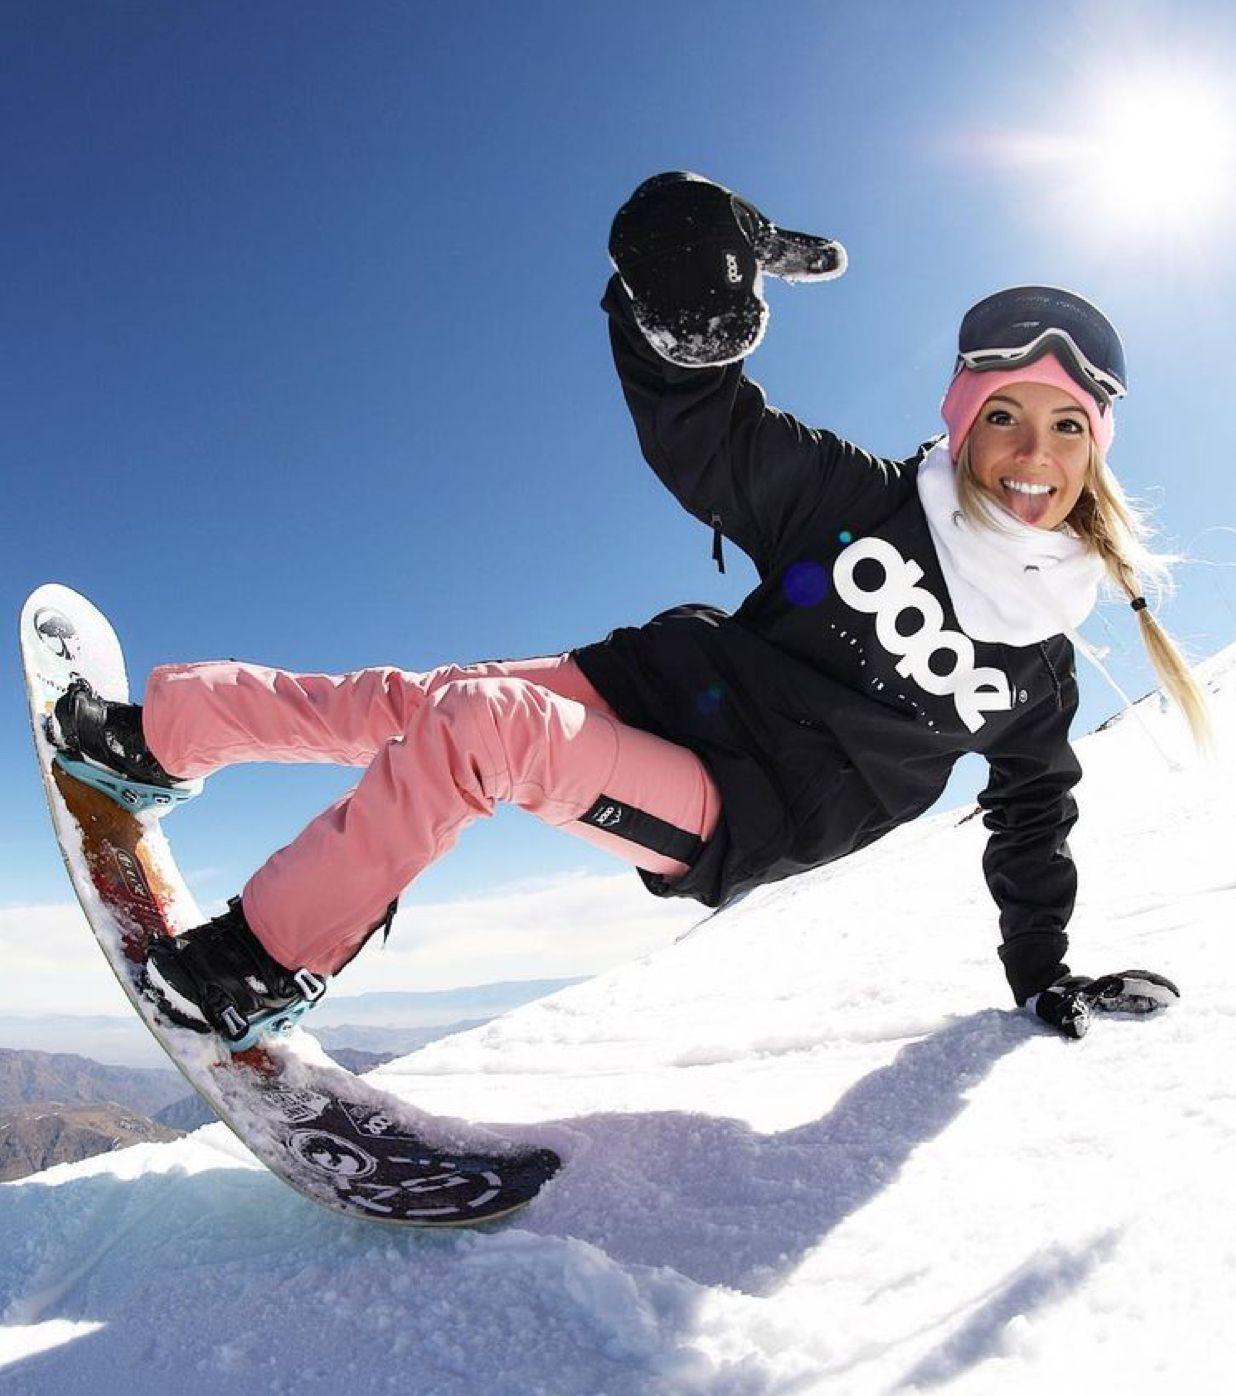 5 лучших сноубордов-2020 для девушек, готовых покорить любую вершину